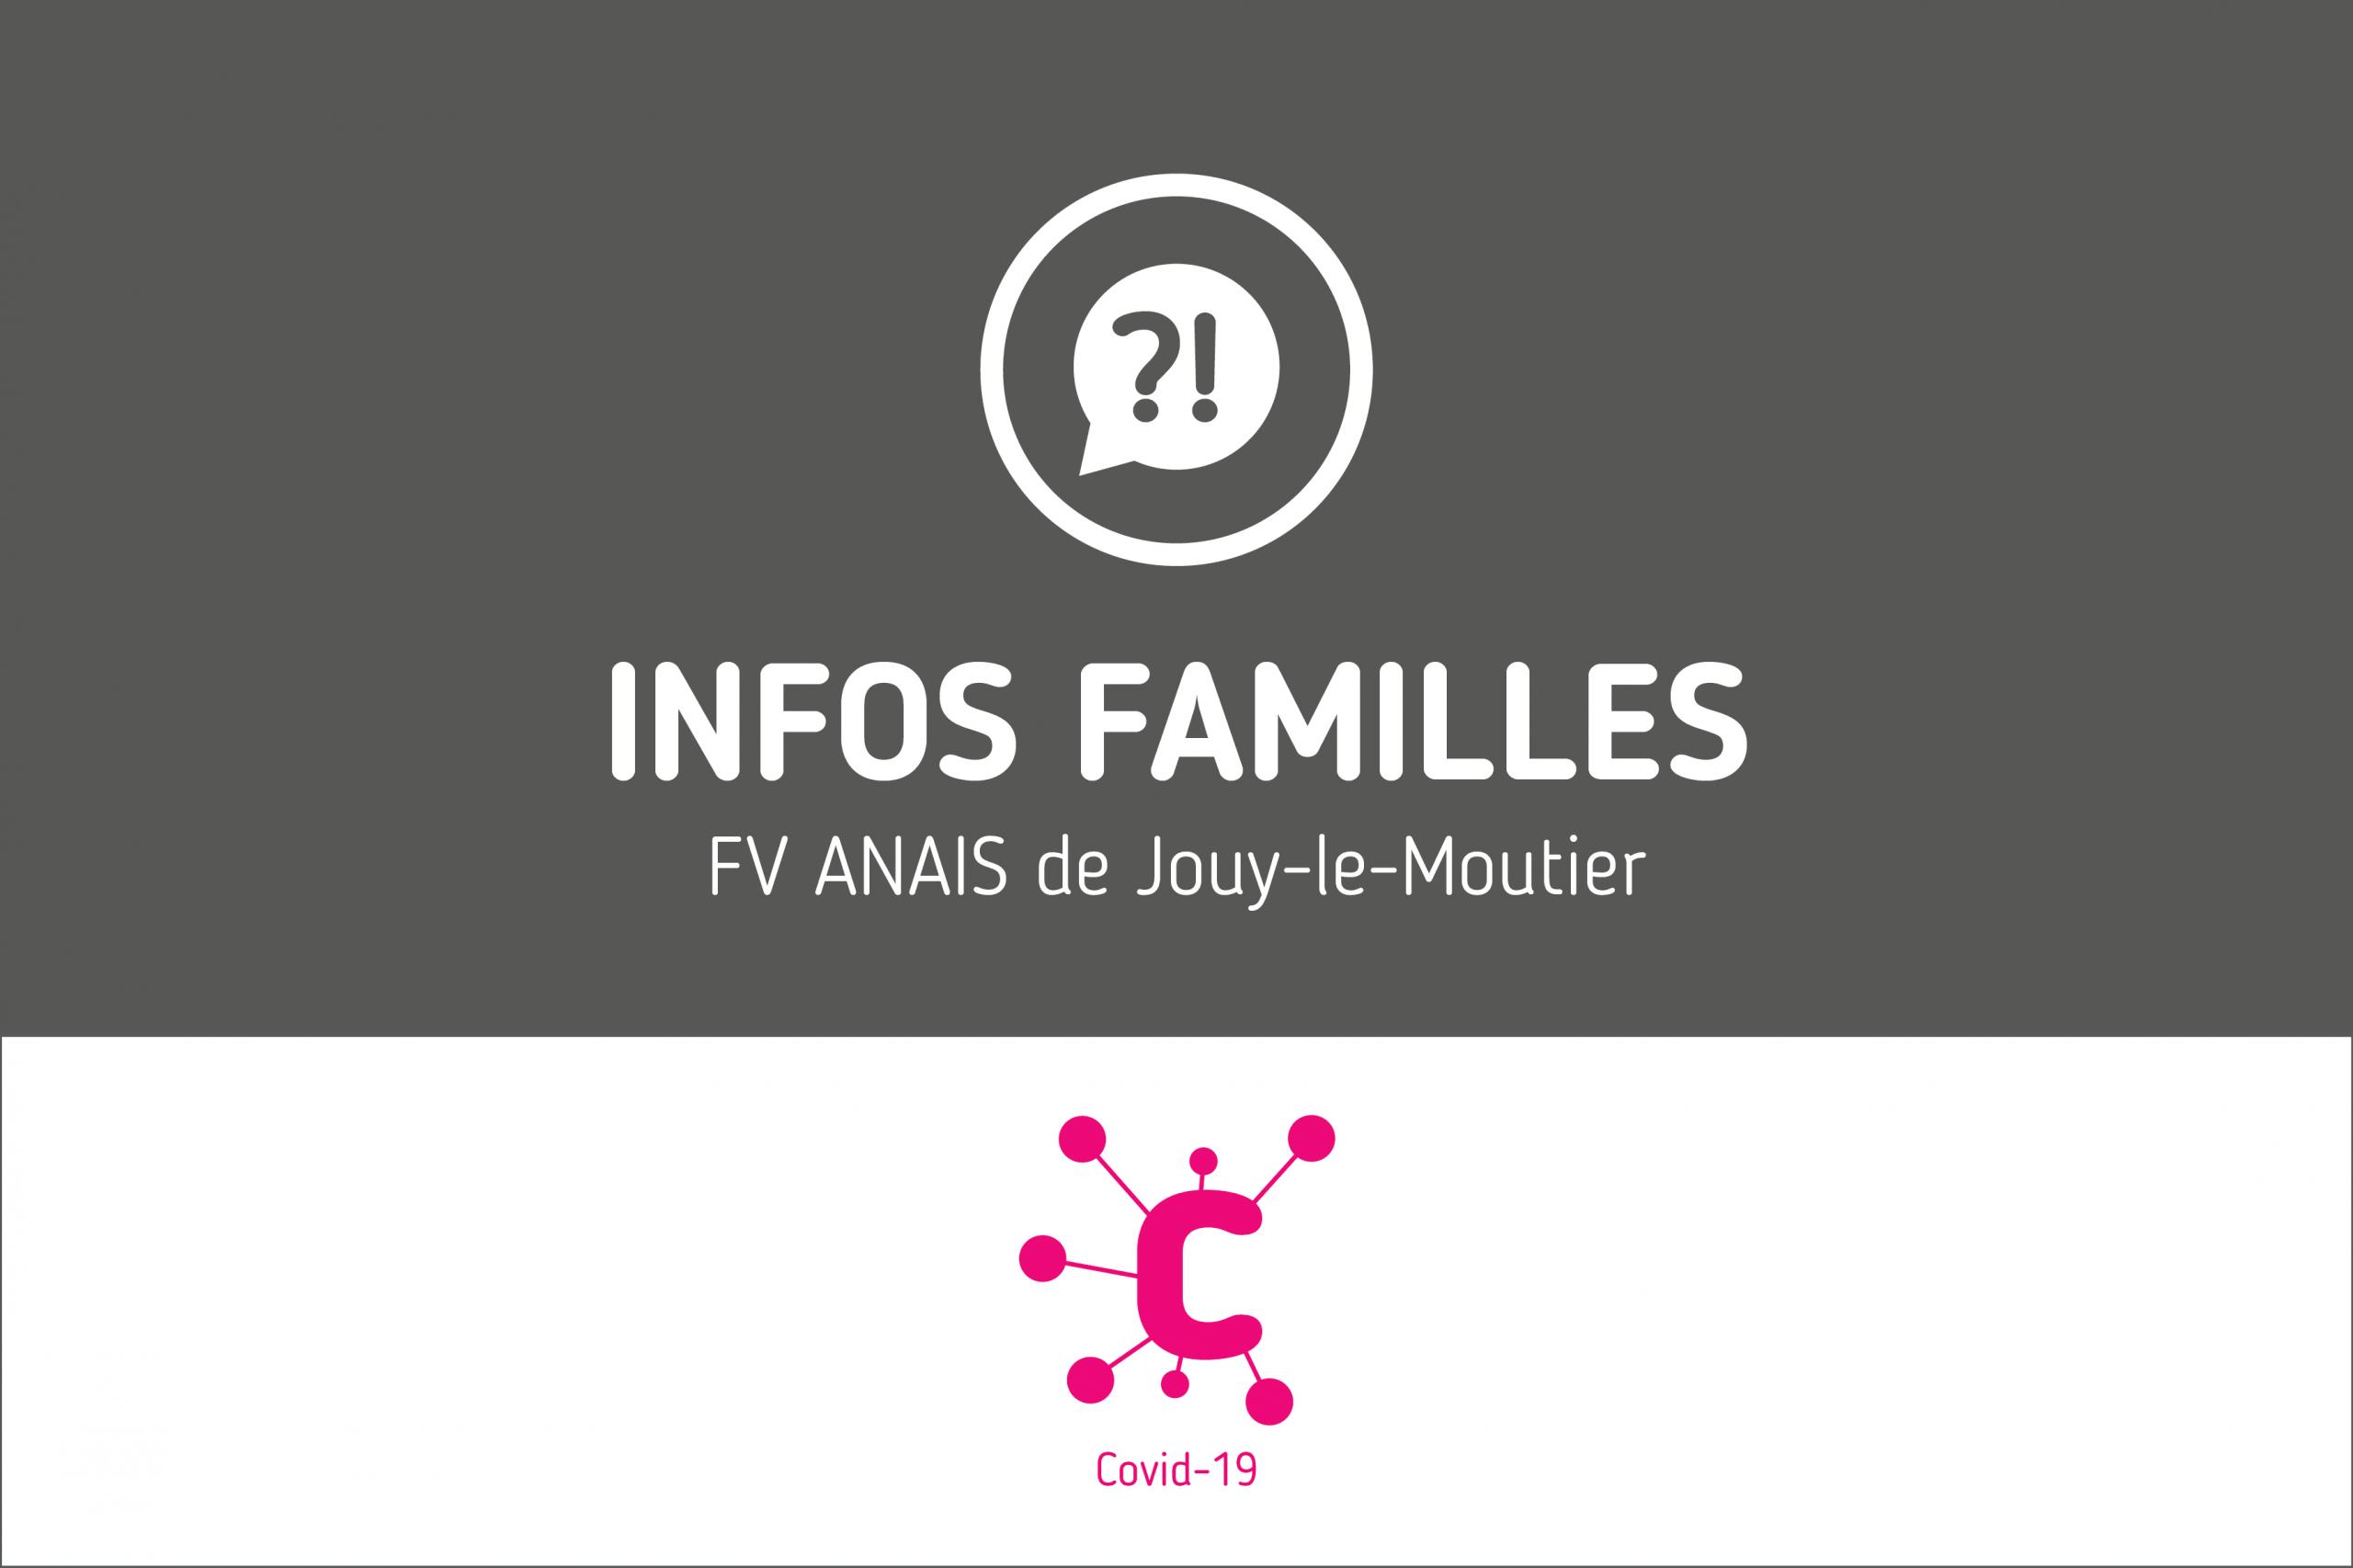 Protégé: Infos Familles – FV ANAIS de Jouy-le-Moutier